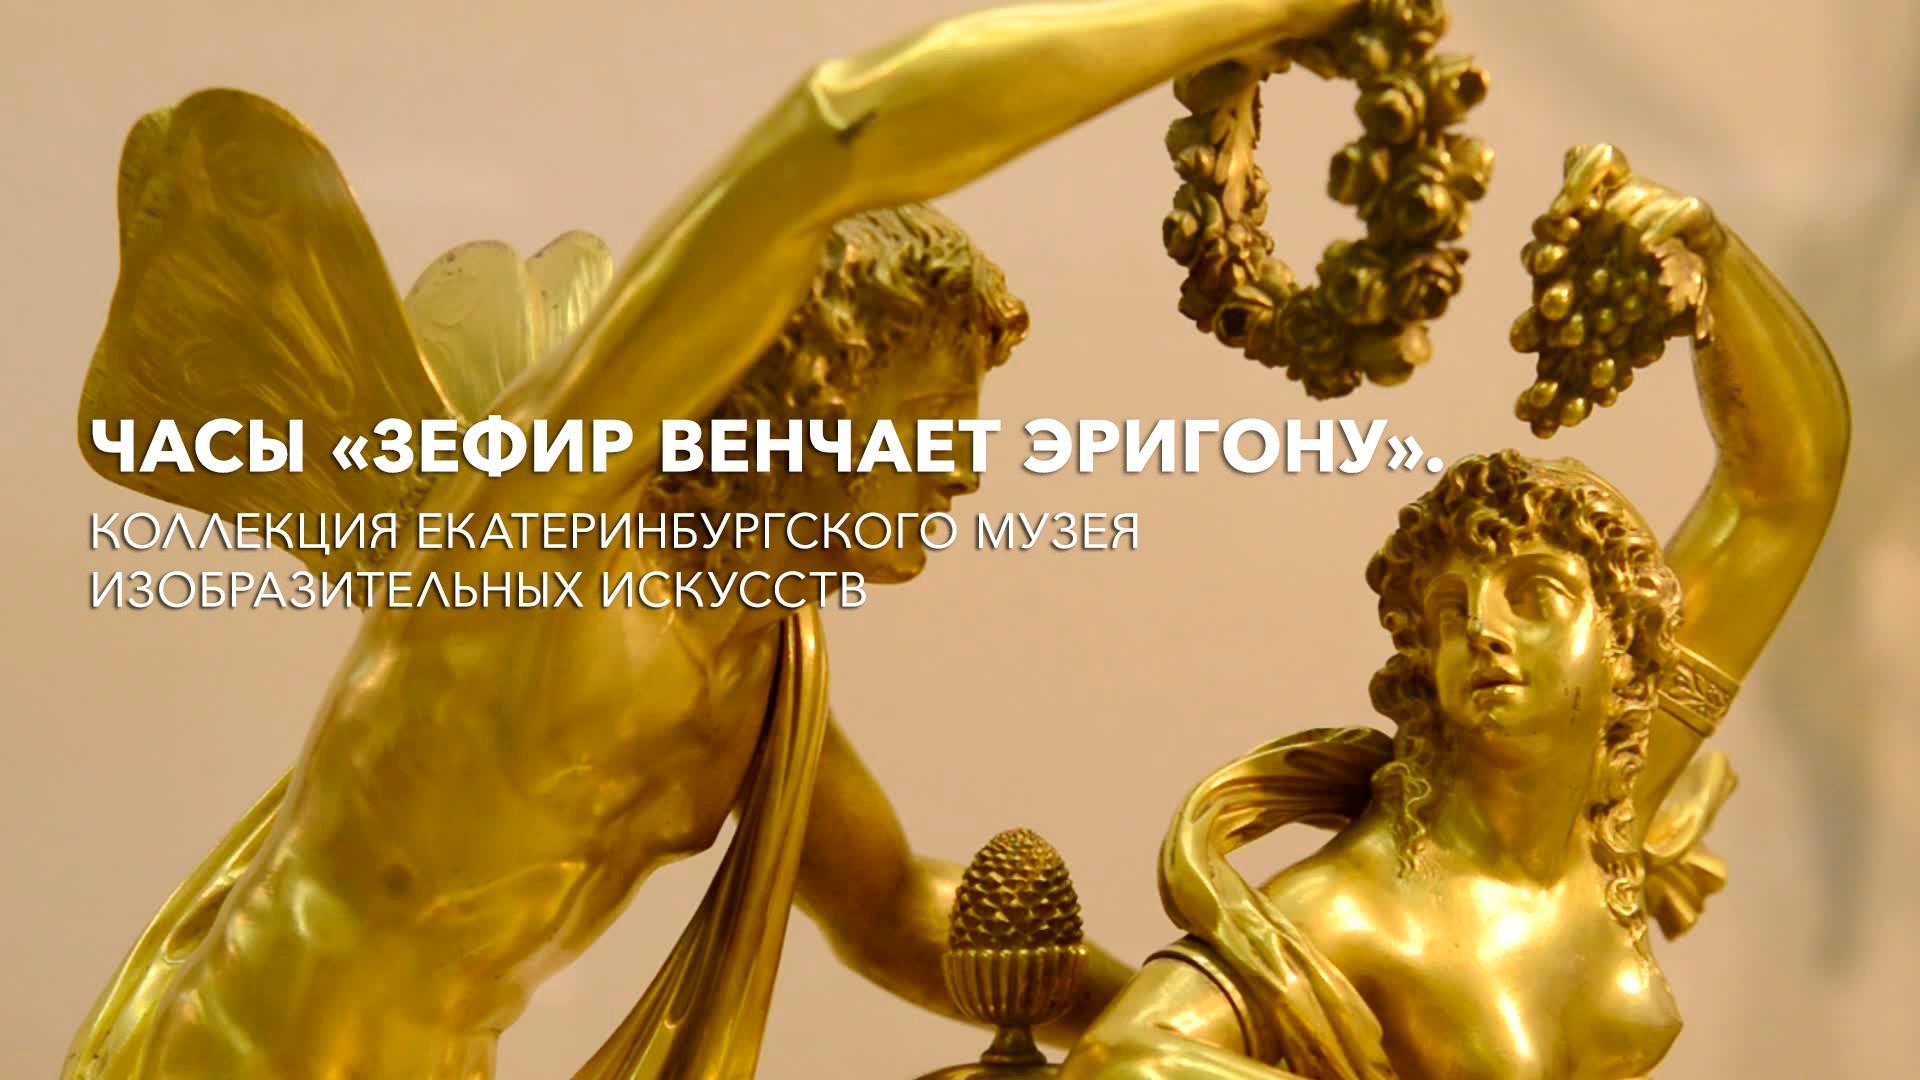 Часы «Зефир венчает Эригону». Коллекция Екатеринбургского музея изобразительных искусств